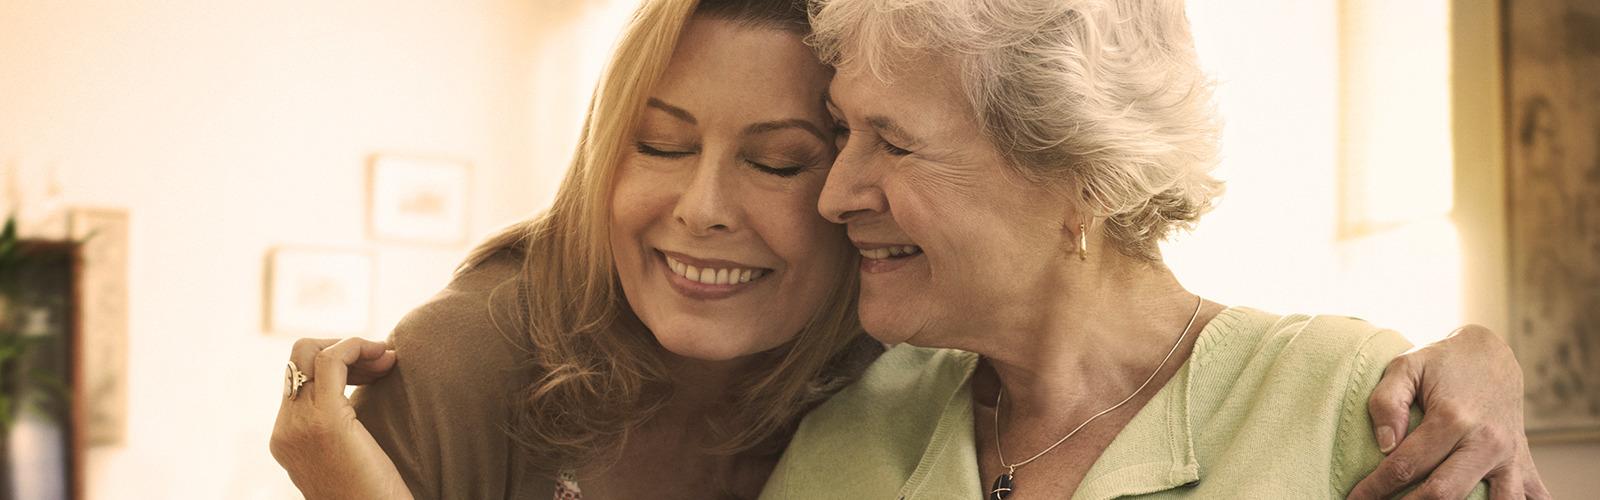 Starsza kobieta przytulająca młodszą – przygotowanie do roli opiekuna